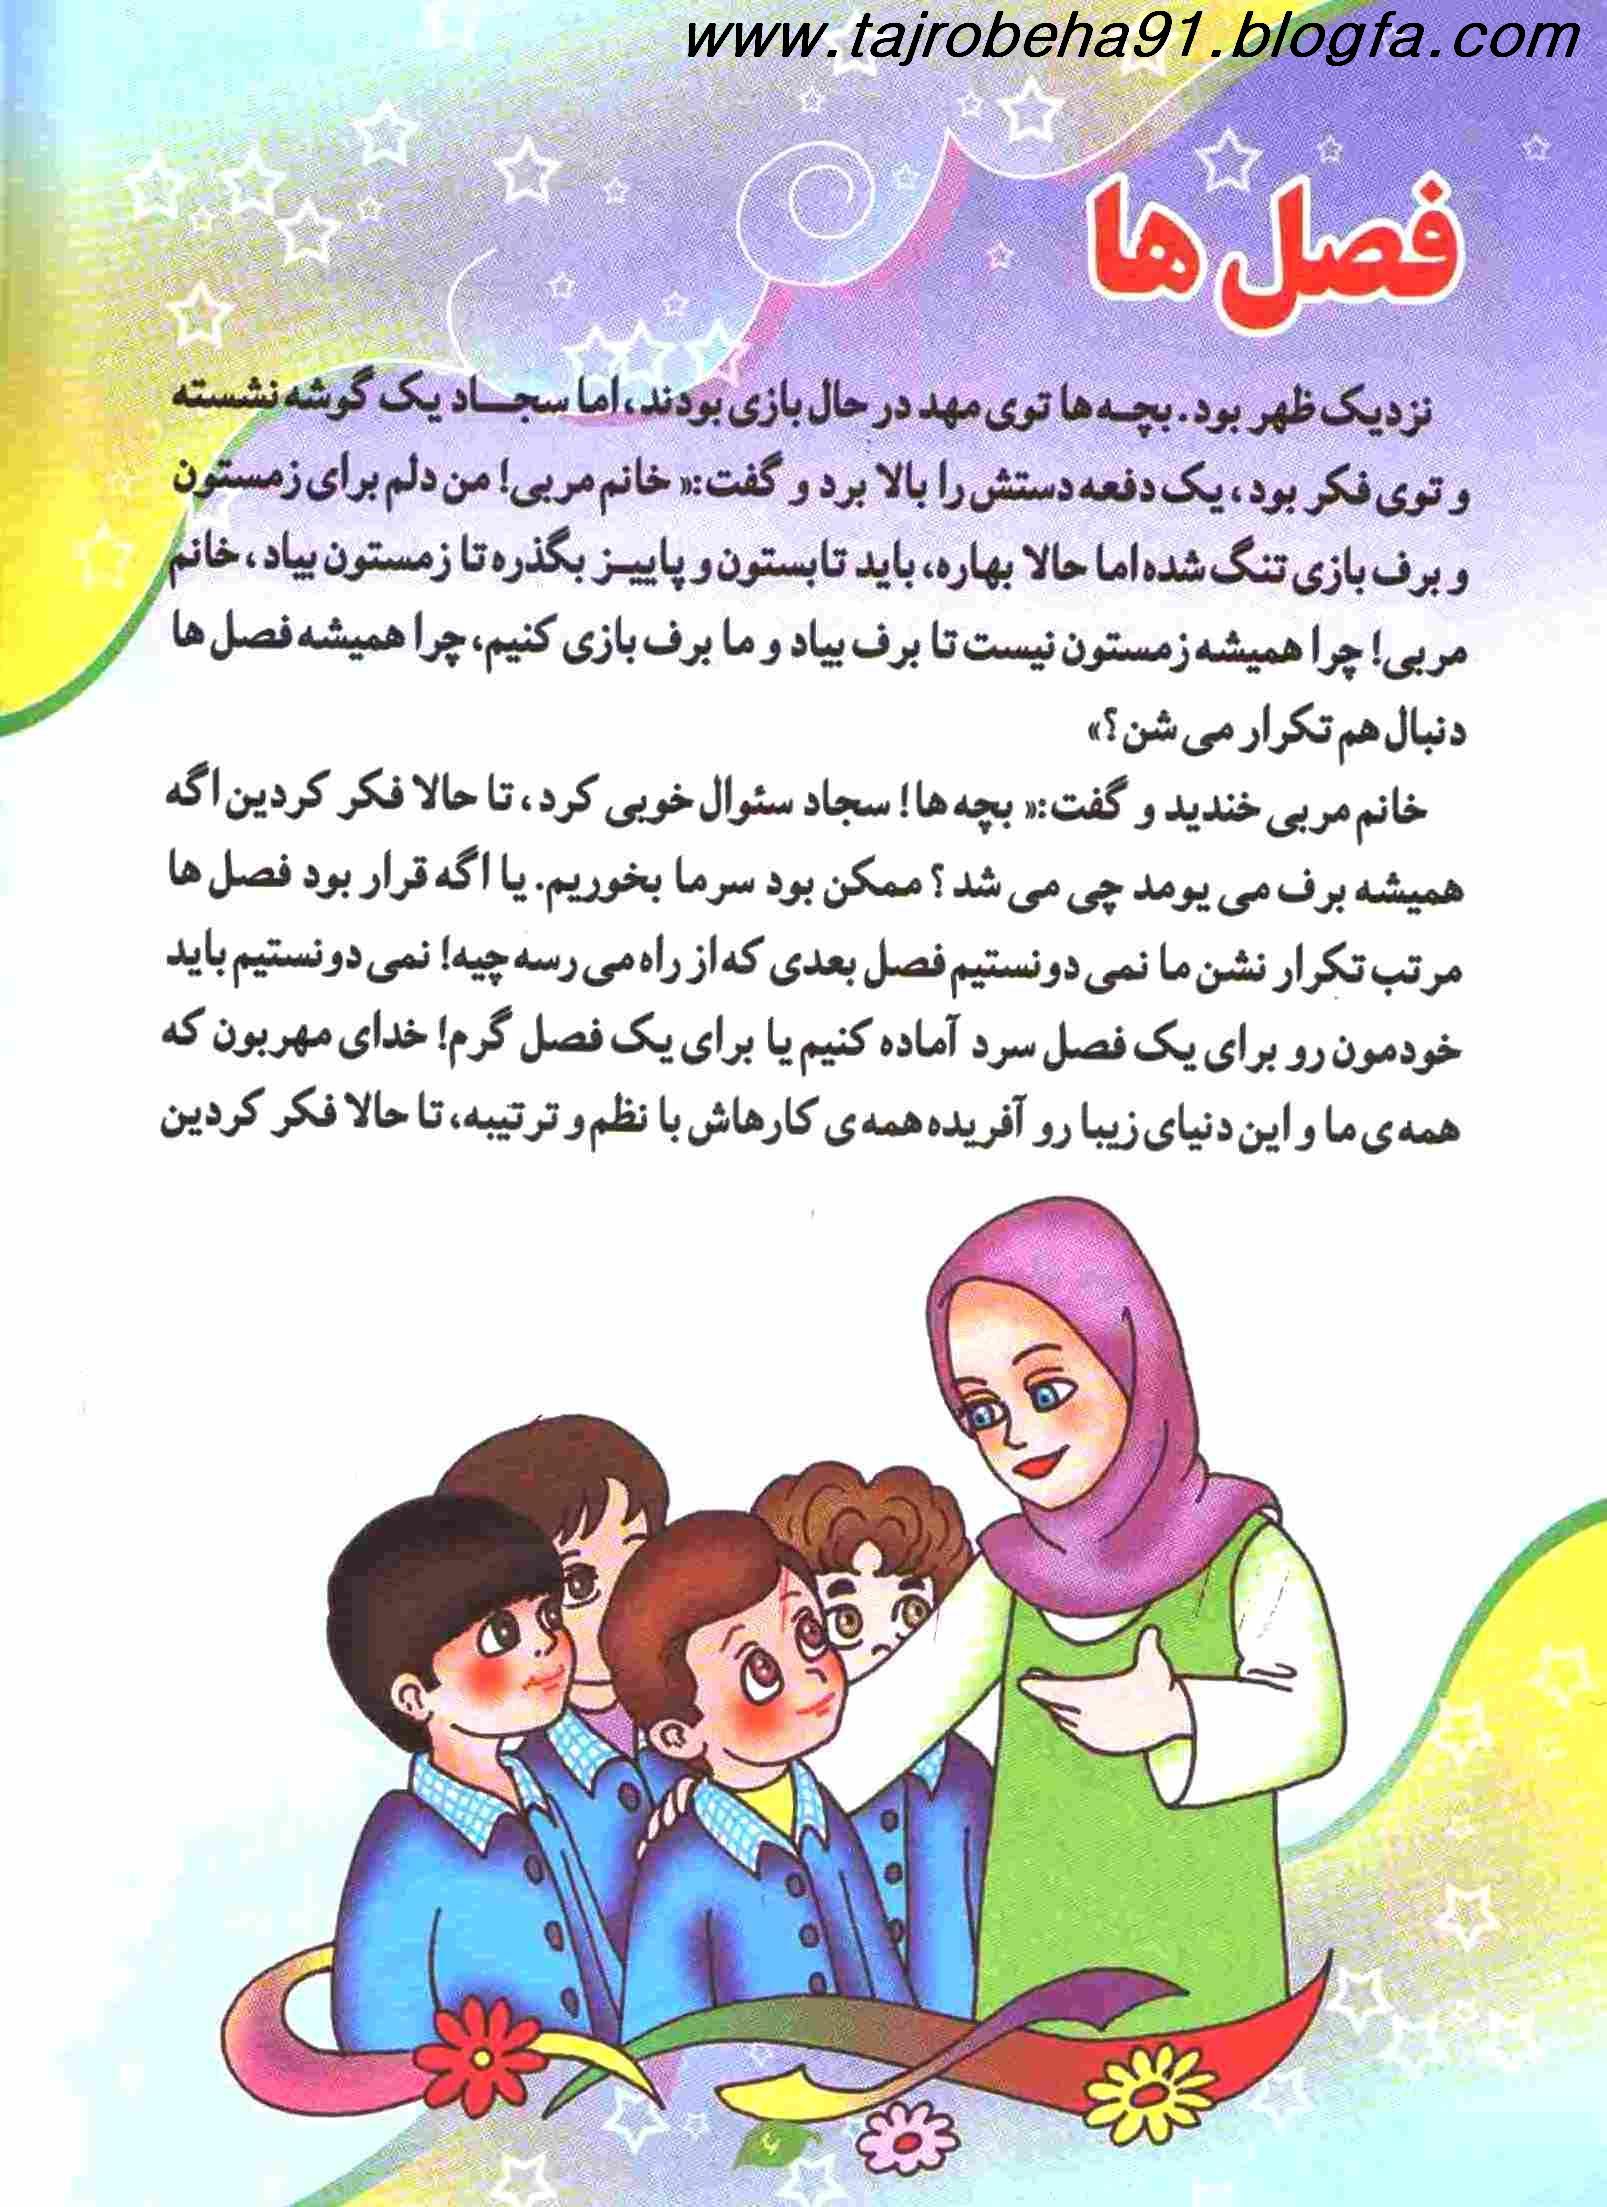 قصه کودکانه سوره توحید1